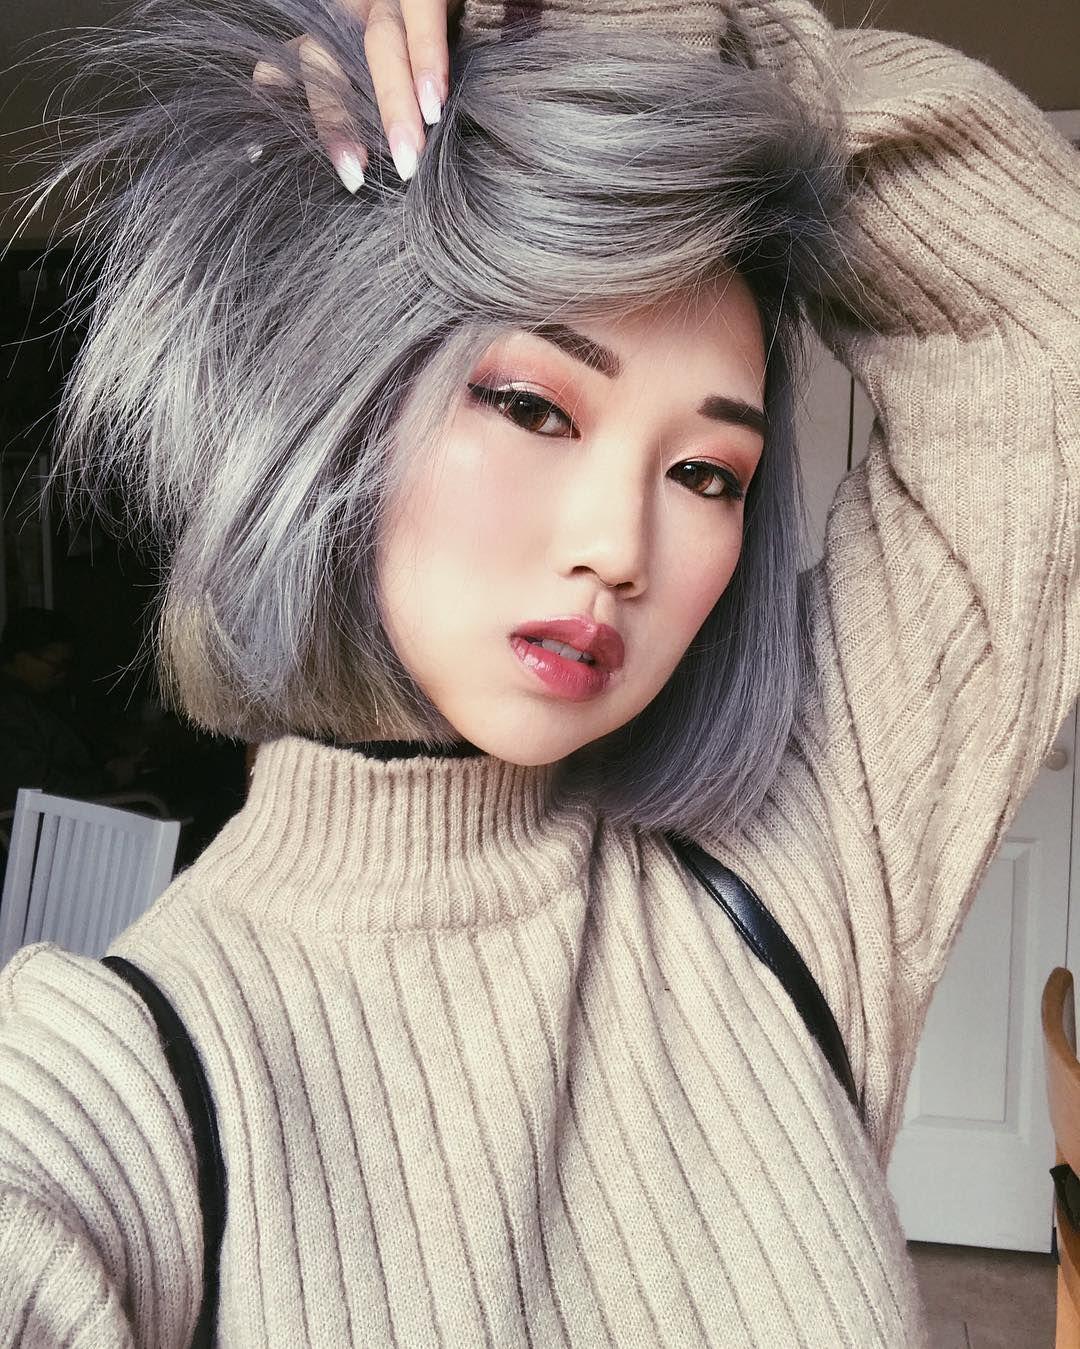 Những xu hướng màu tóc 2020 dành cho mọi cô nàng sành điệu - Ảnh 2